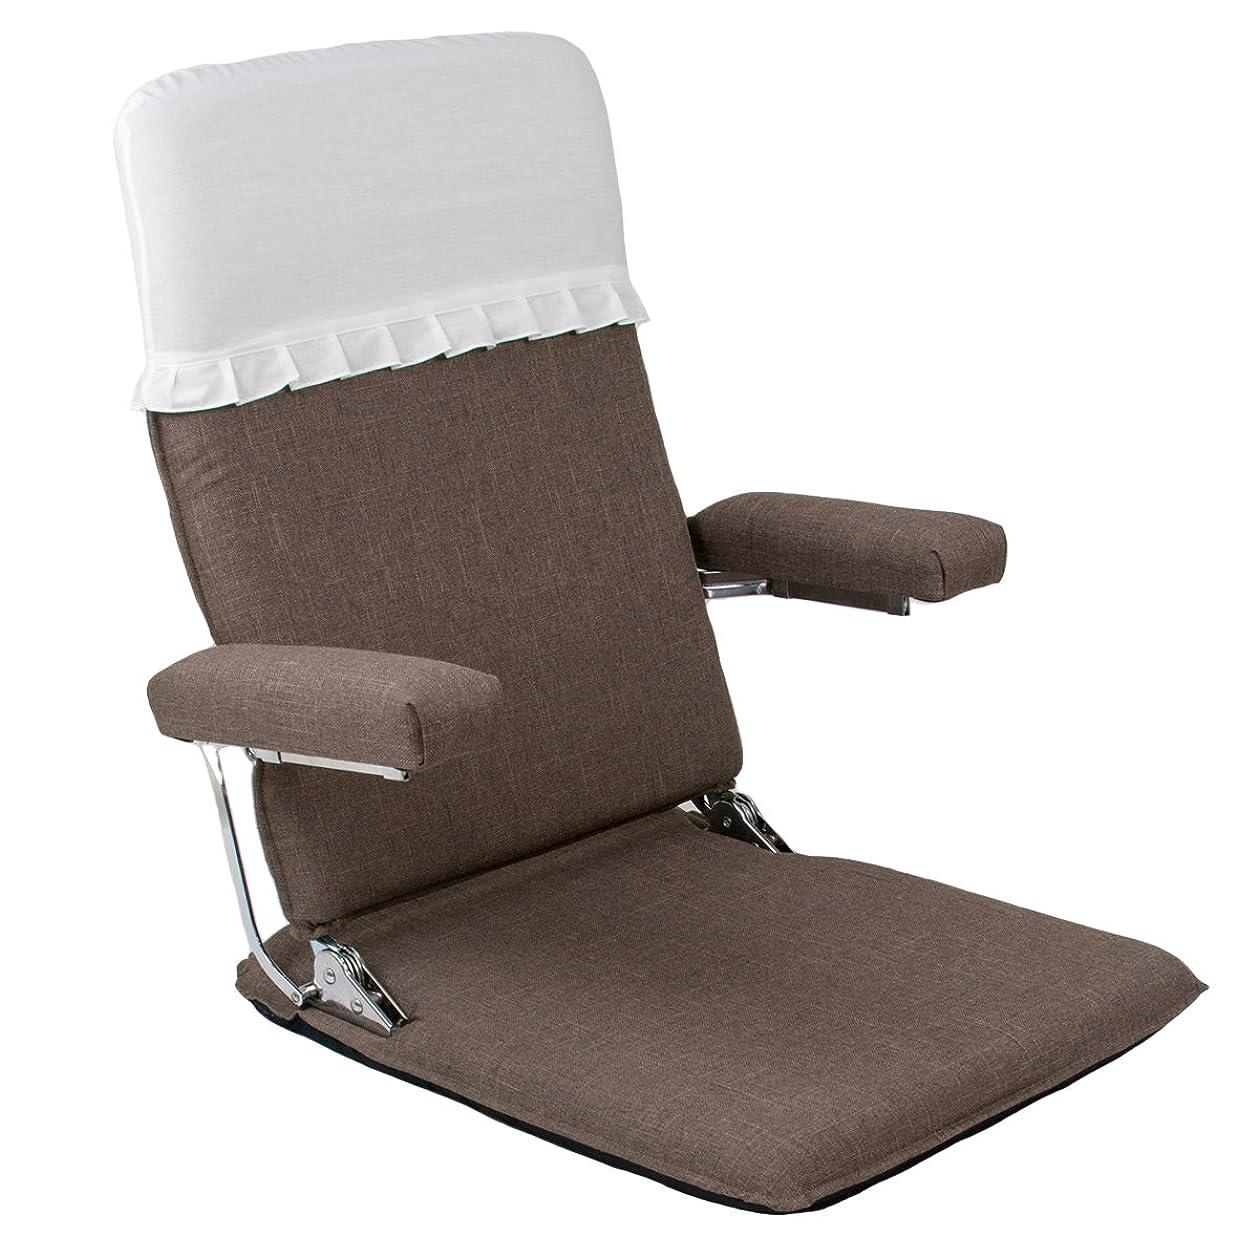 気質マザーランド損なうお座敷座椅子 肘掛付 ブラウン 腰痛 日本製 リクライニング 姿勢 人気 肘掛け 和座椅子